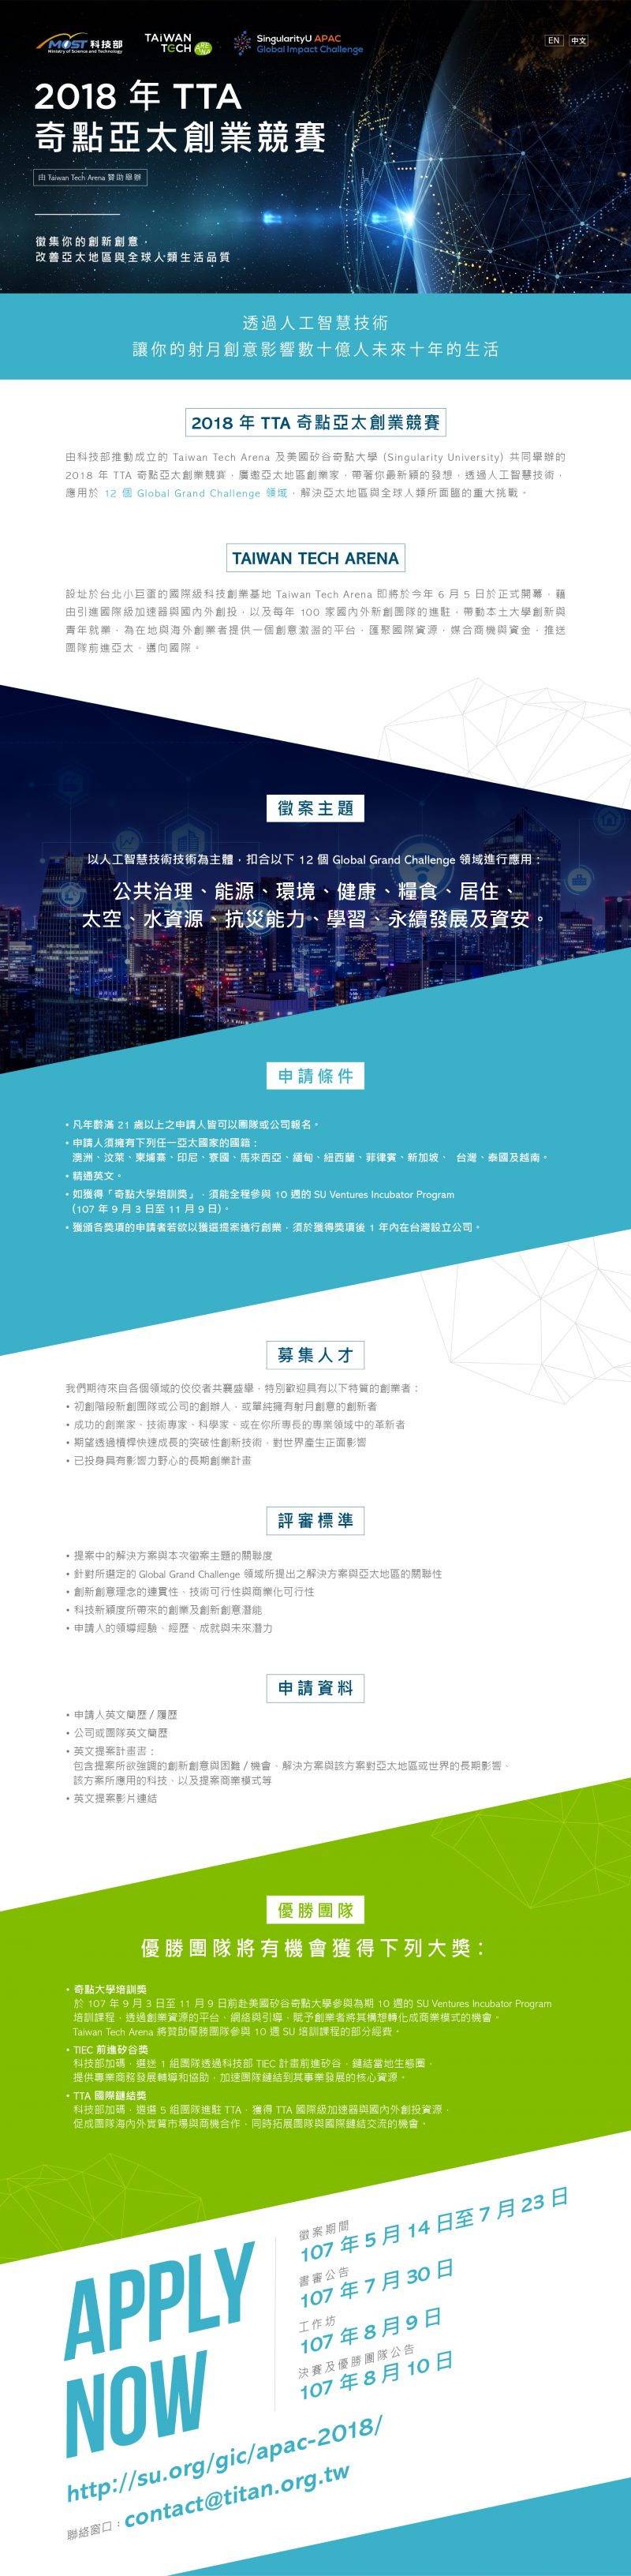 奇點大學創業競賽_徵案網頁-中文(W1980px)_0723